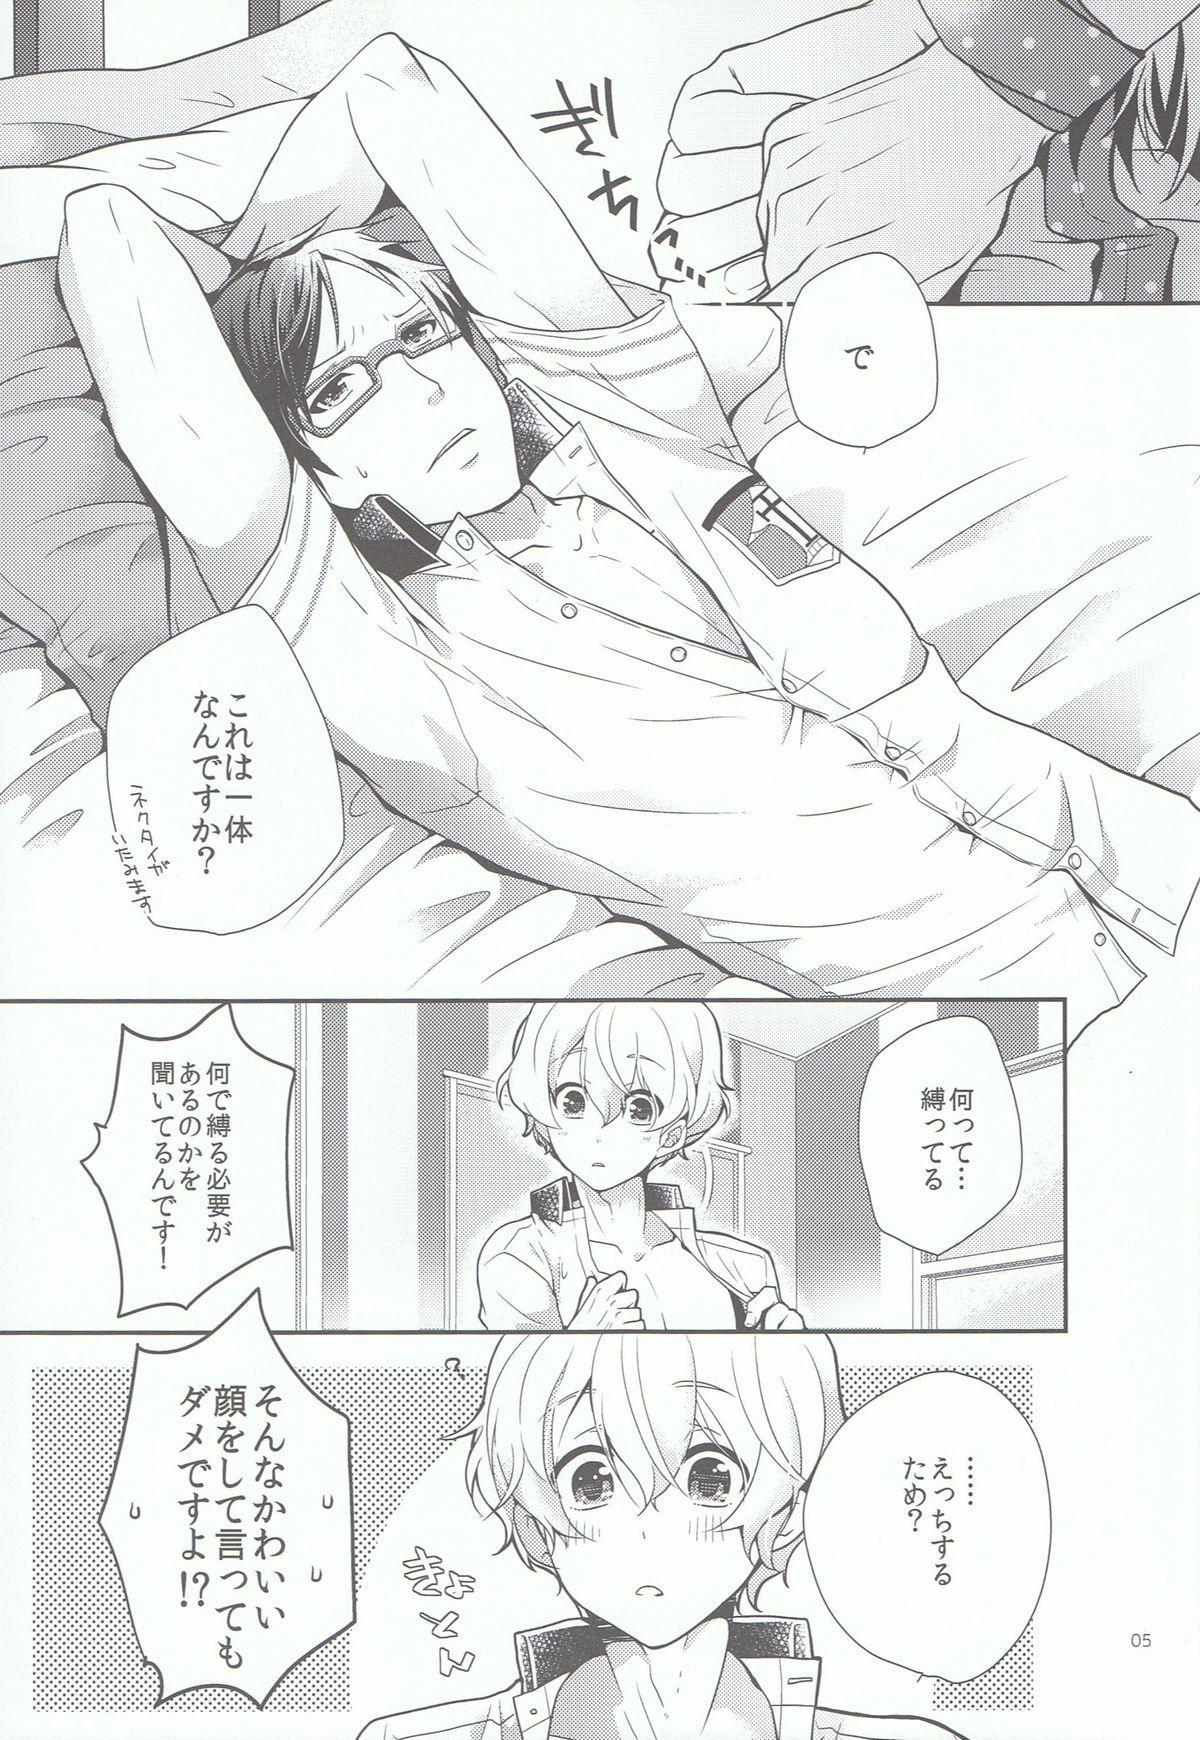 Kimi to Issho nara Itsudemo Kimochi ga Ii. 3